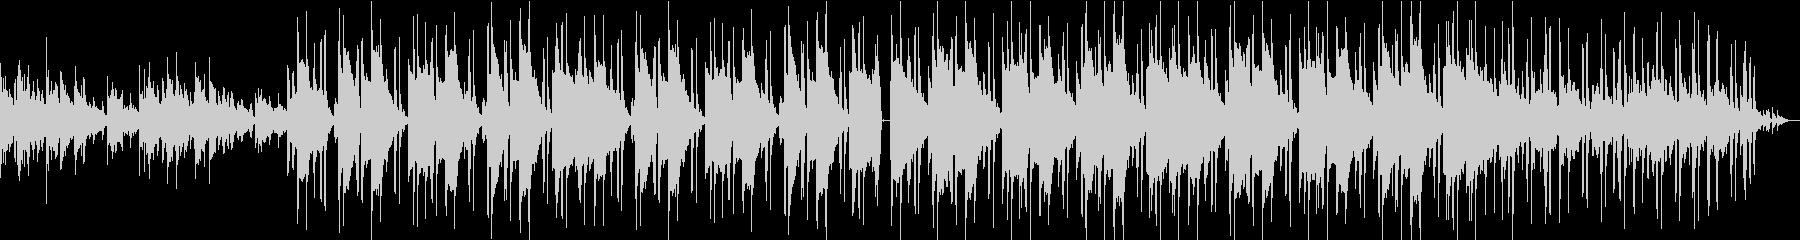 チルアウト R&B ローファイビートの未再生の波形